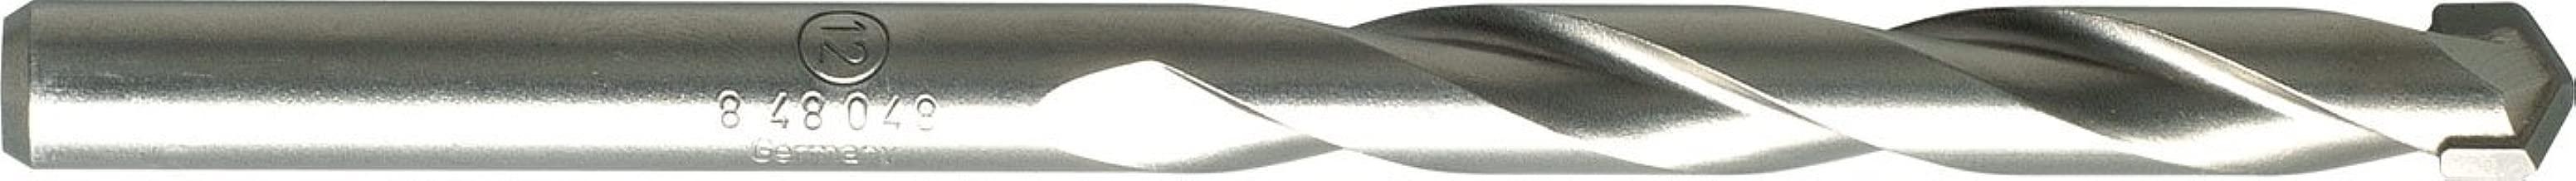 12,0 mm in SB-Tasche 31000701200 Bohrcraft Holzspiralbohrer mit Zentrierspitze 1 St/ück